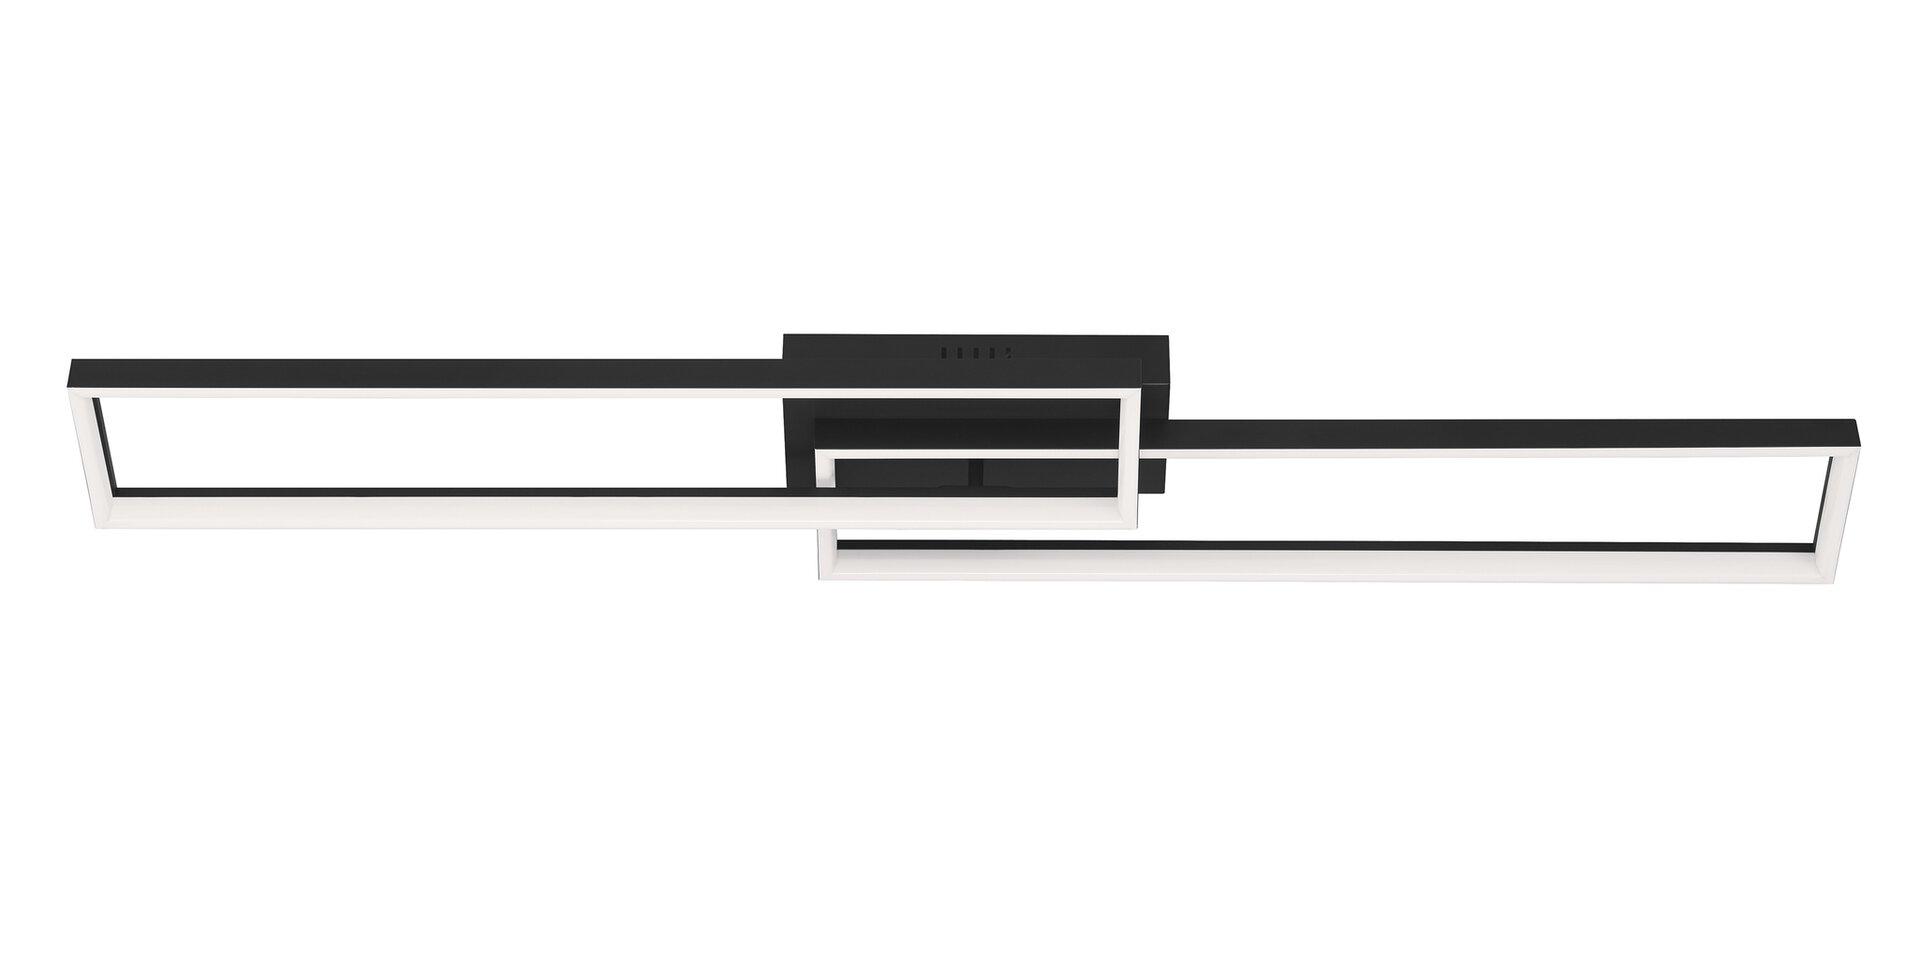 Deckenleuchte FRAME Briloner Metall schwarz 22 x 9 x 110 cm